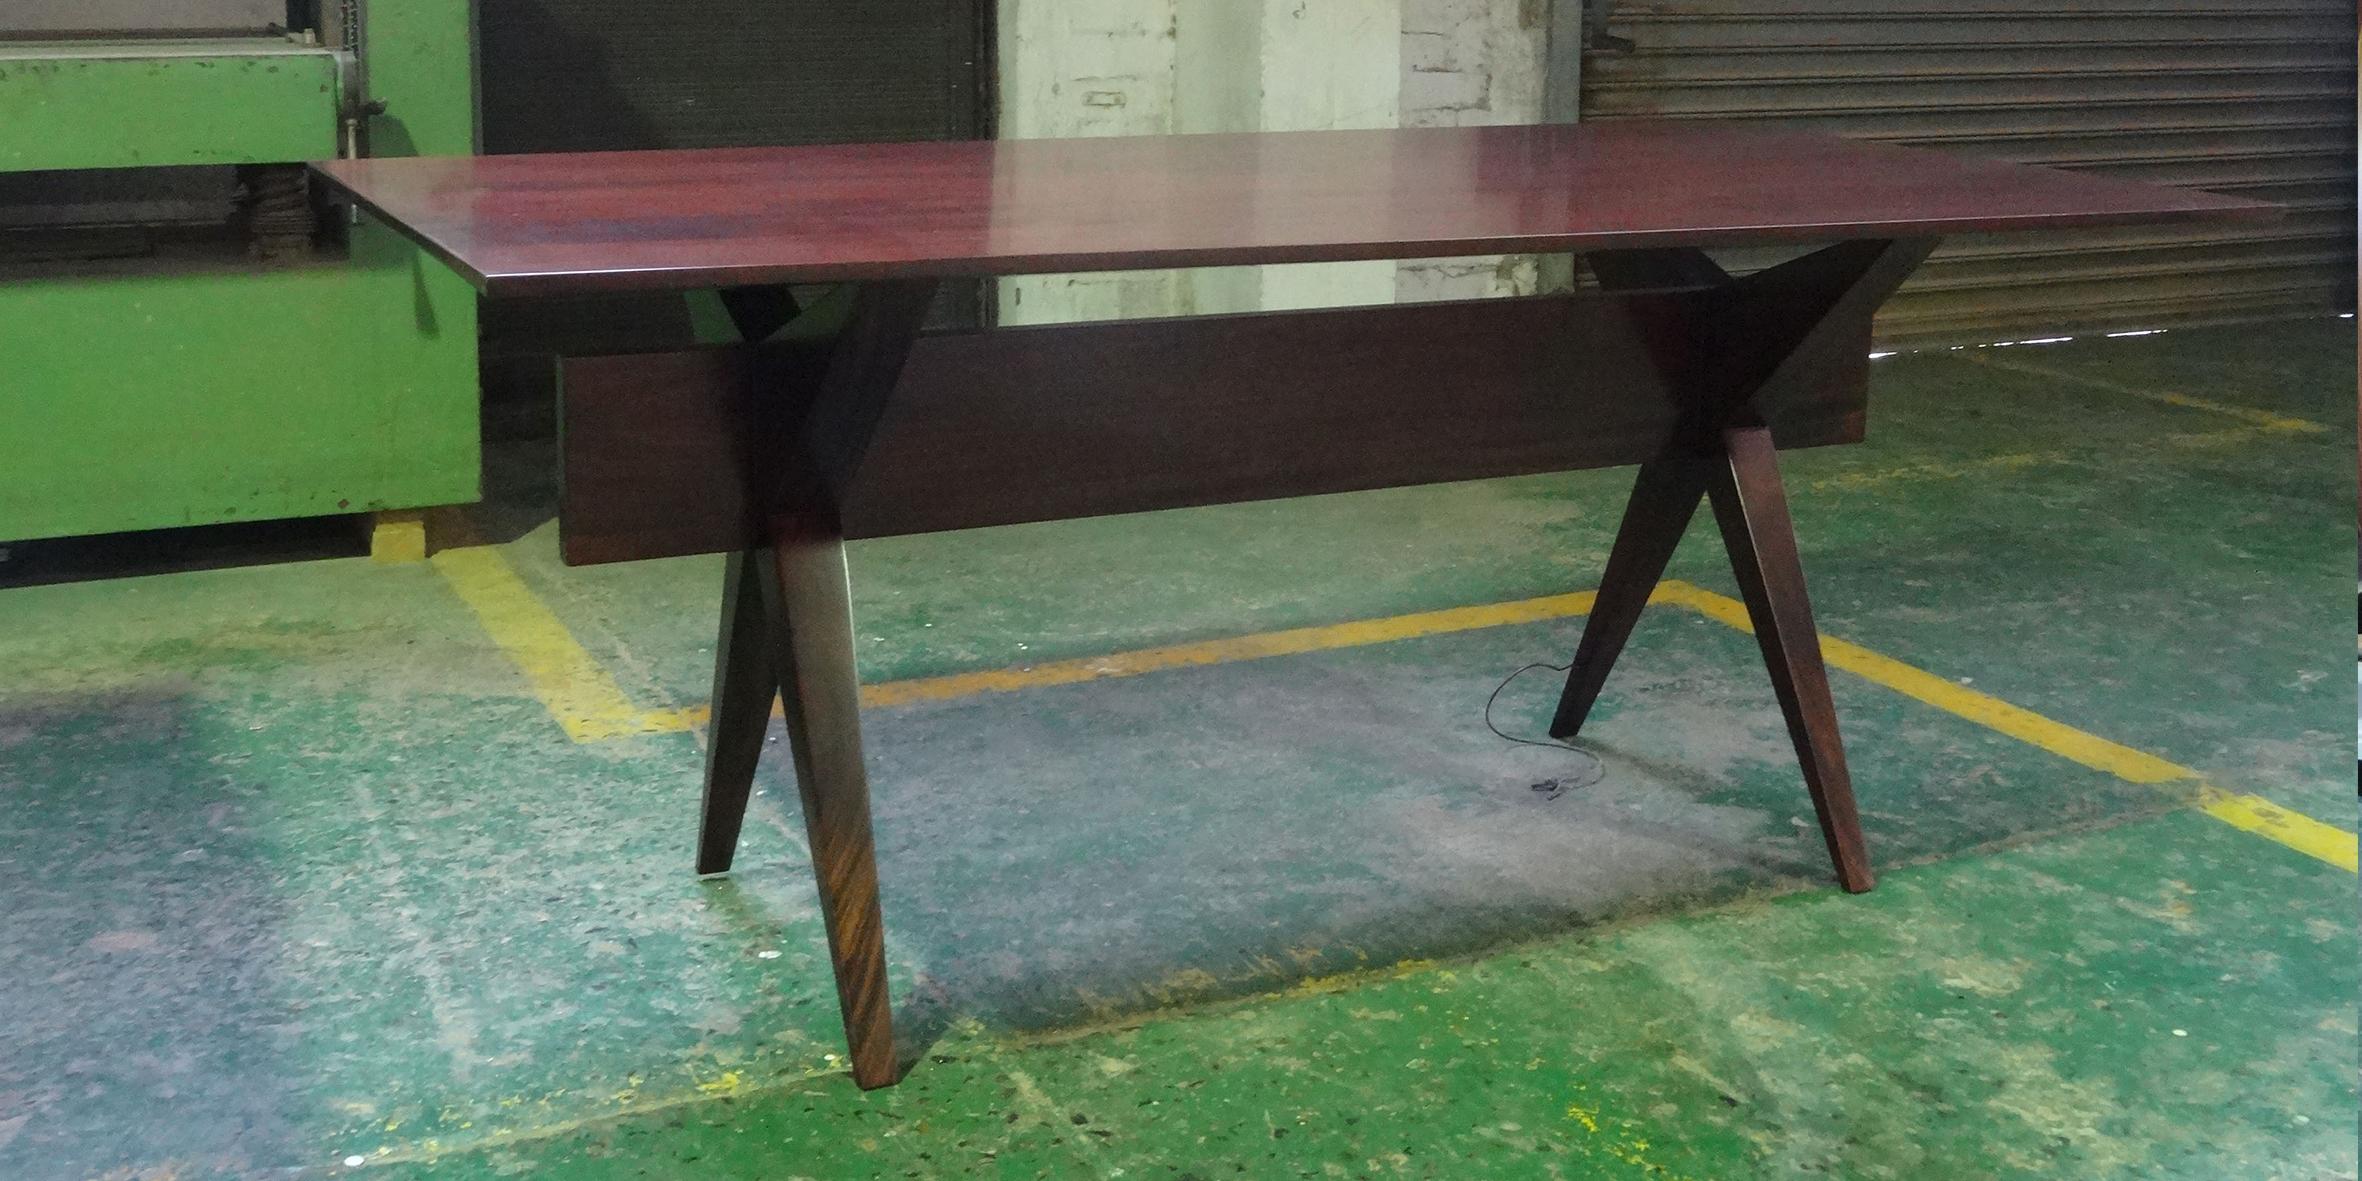 hotel jhb, star desk, 1800 l x 900 w x 740 h , mahogany